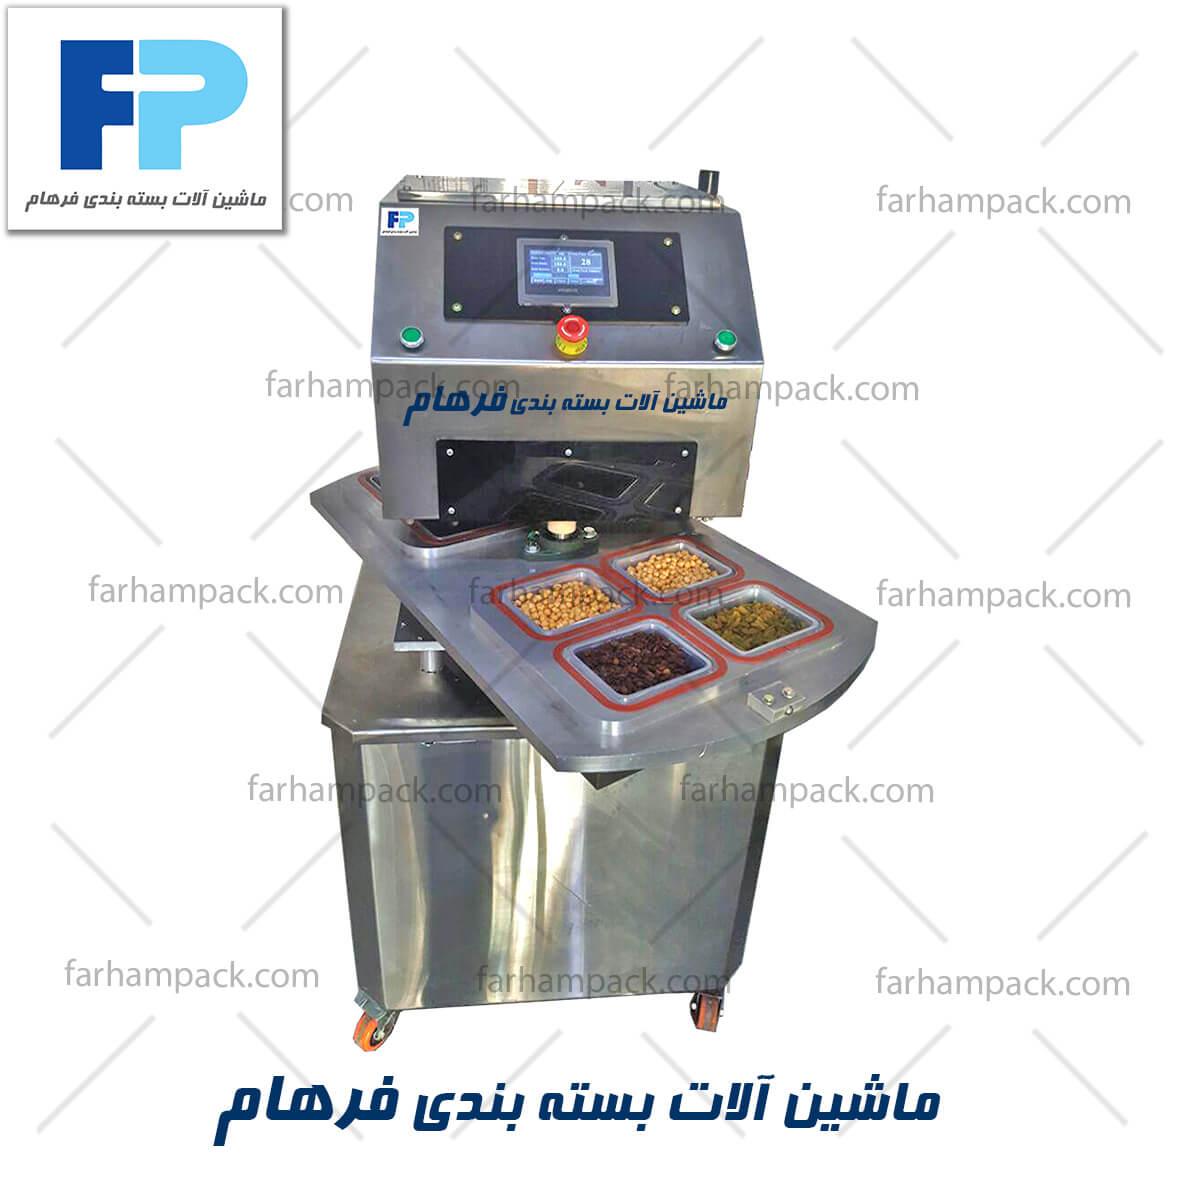 دستگاه سیل وکیوم اتوماتیک-قیمت دستگاه سیل وکیوم-سیل وکیوم چیست-دستگاه سیل وکیوم بسته بندی